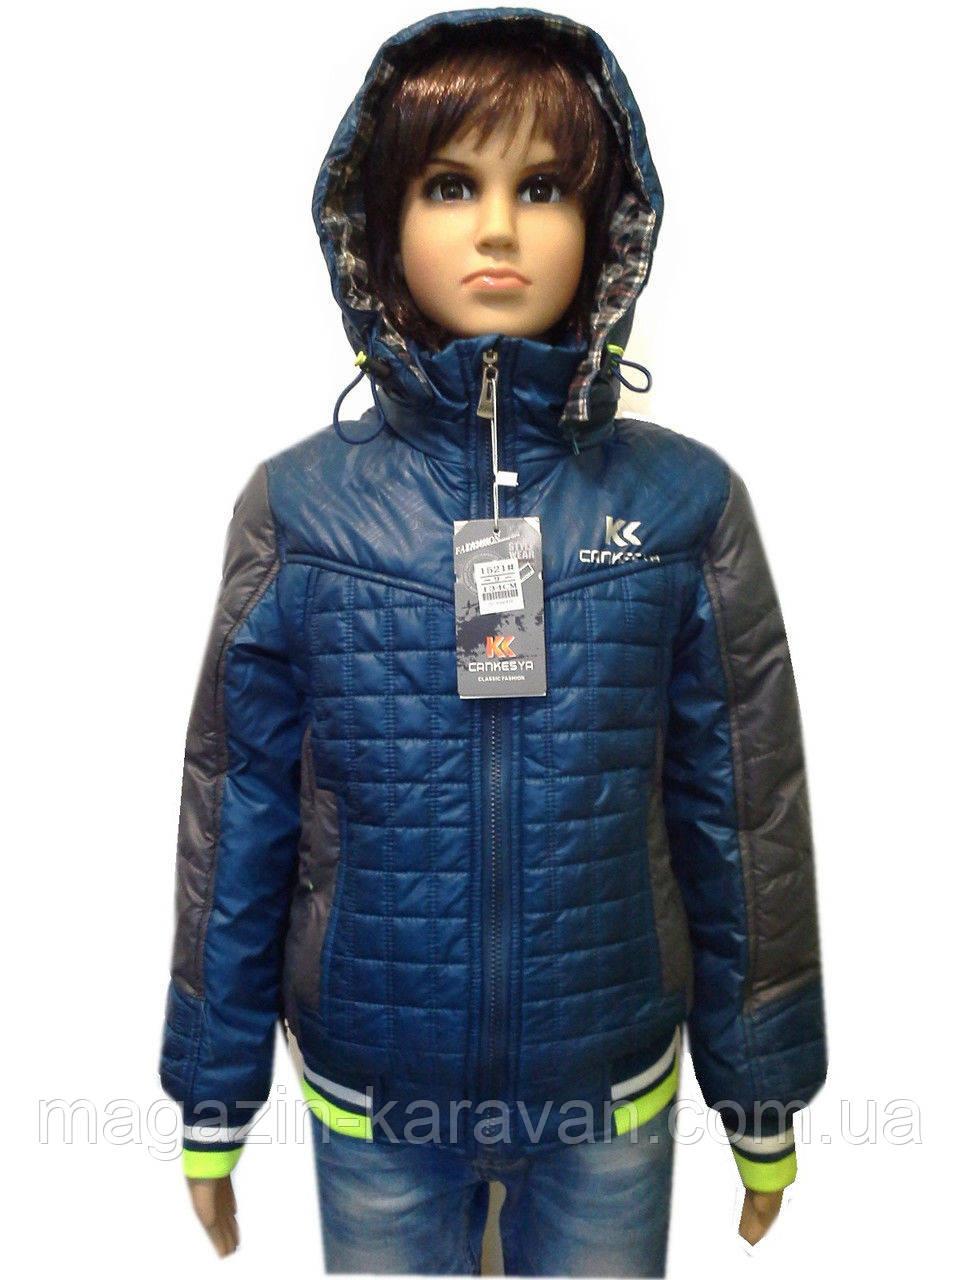 Демисезонная детская красивая курточка